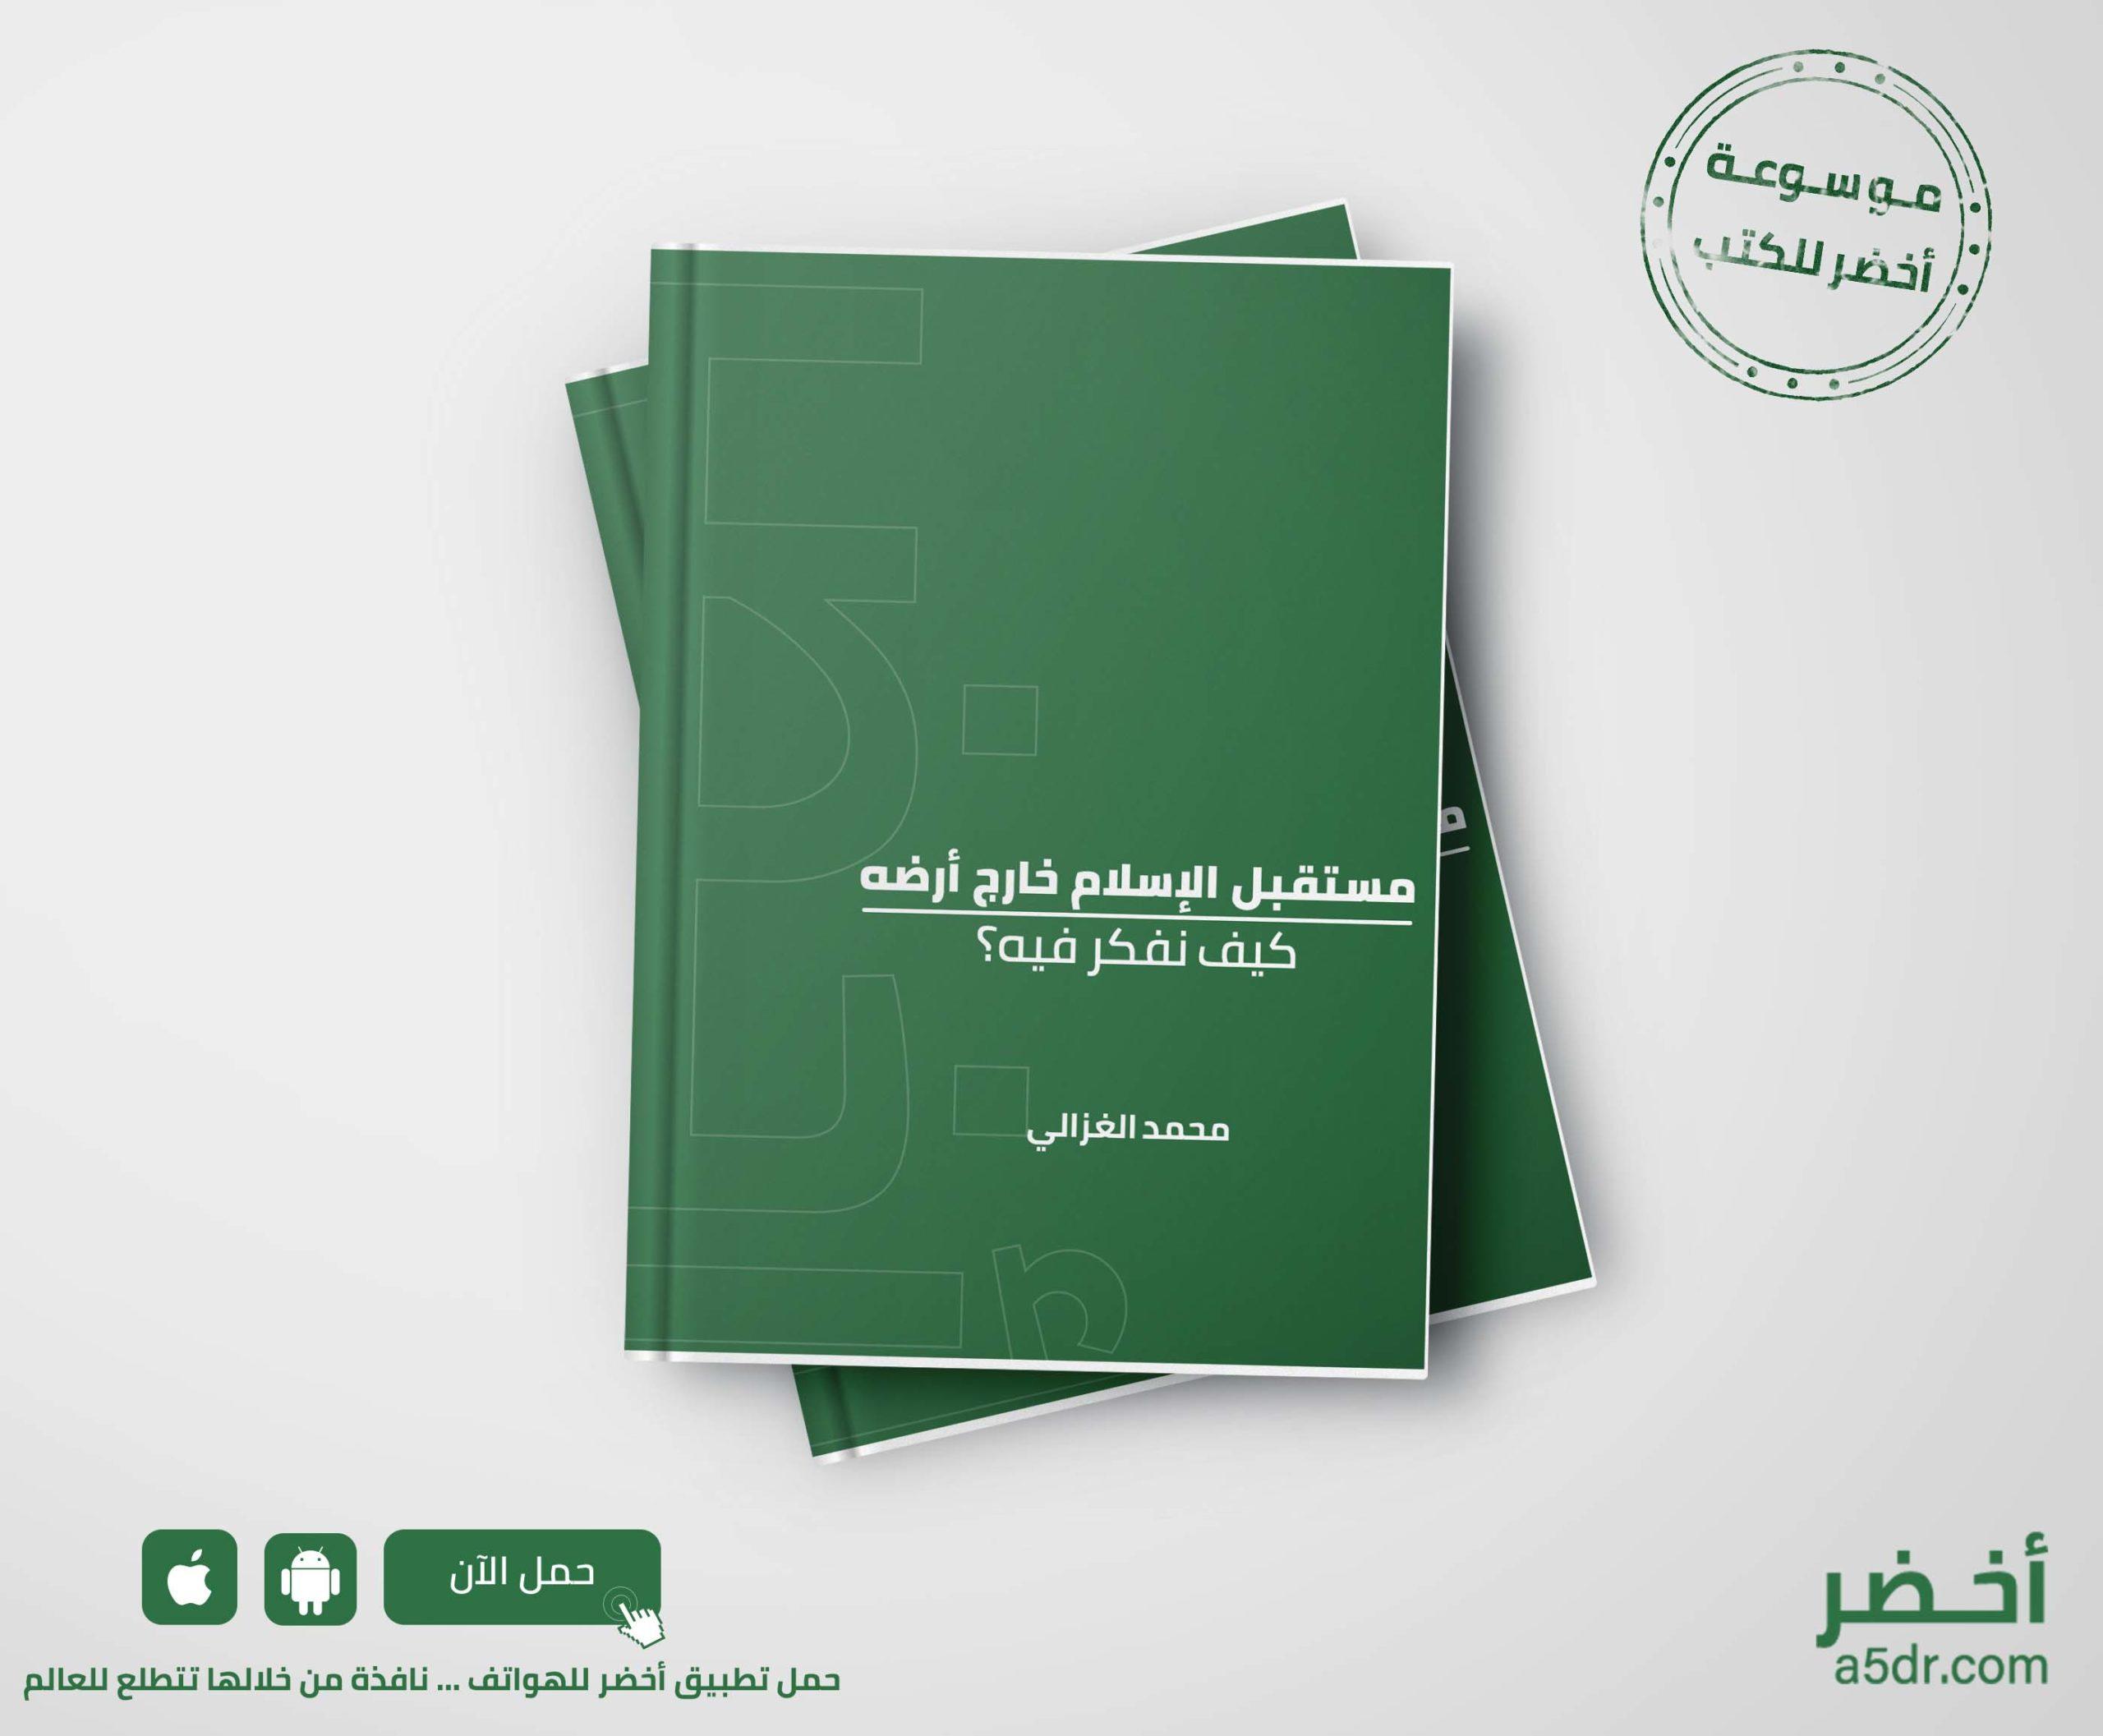 كتاب مستقبل الإسلام خارج أرضه: كيف نفكر فيه؟ - محمد الغزالي